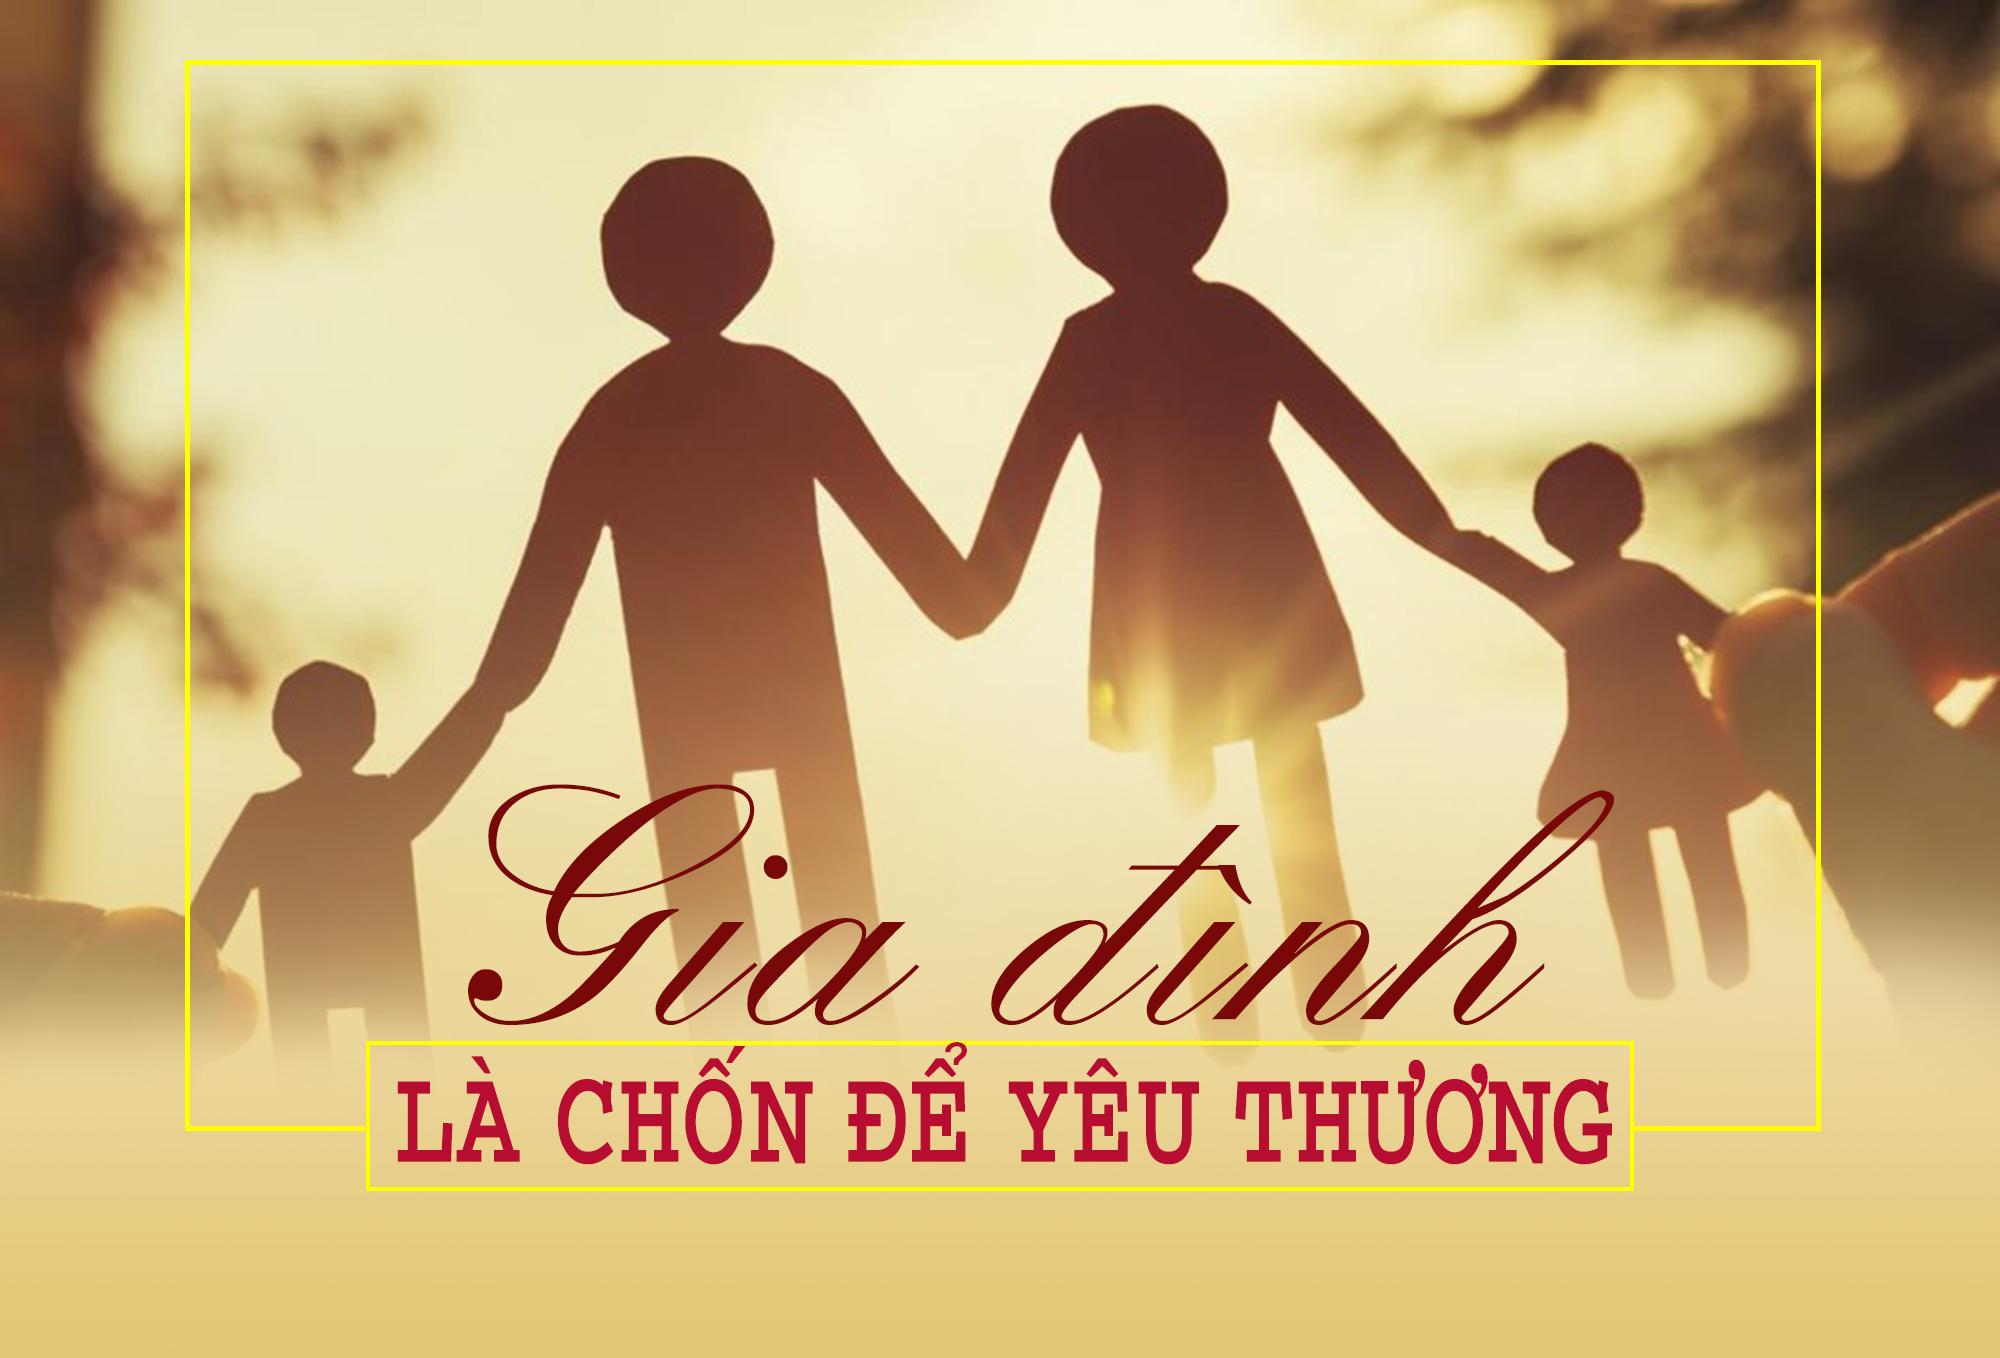 Quan tâm và chia sẻ tạo lên một gia đình hạnh phúc